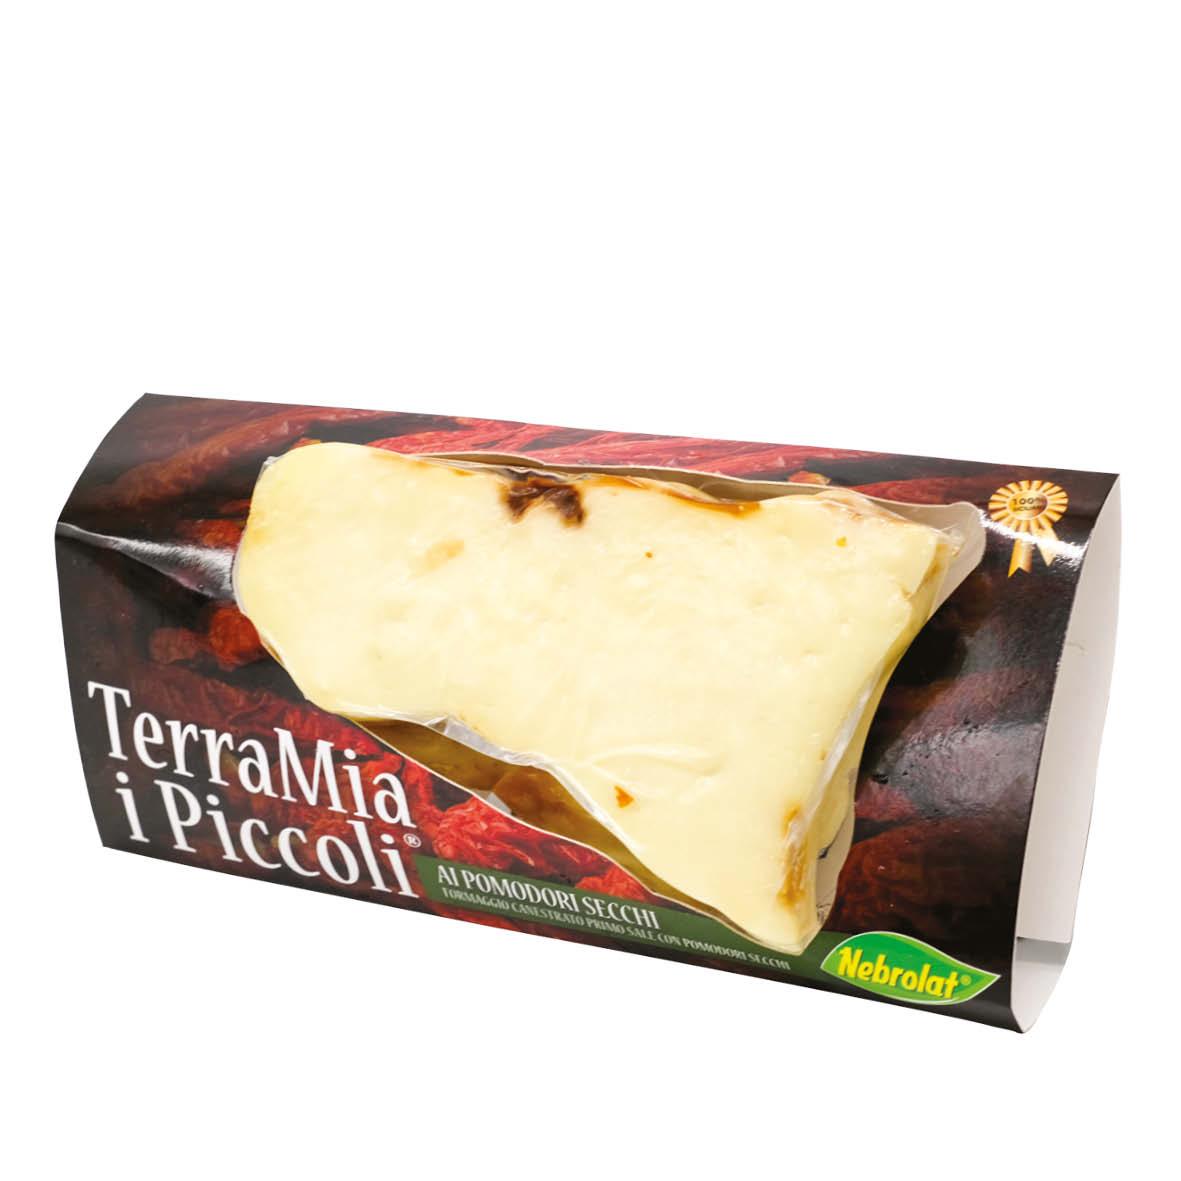 I Piccoli TerraMia® ai pomodori secchi